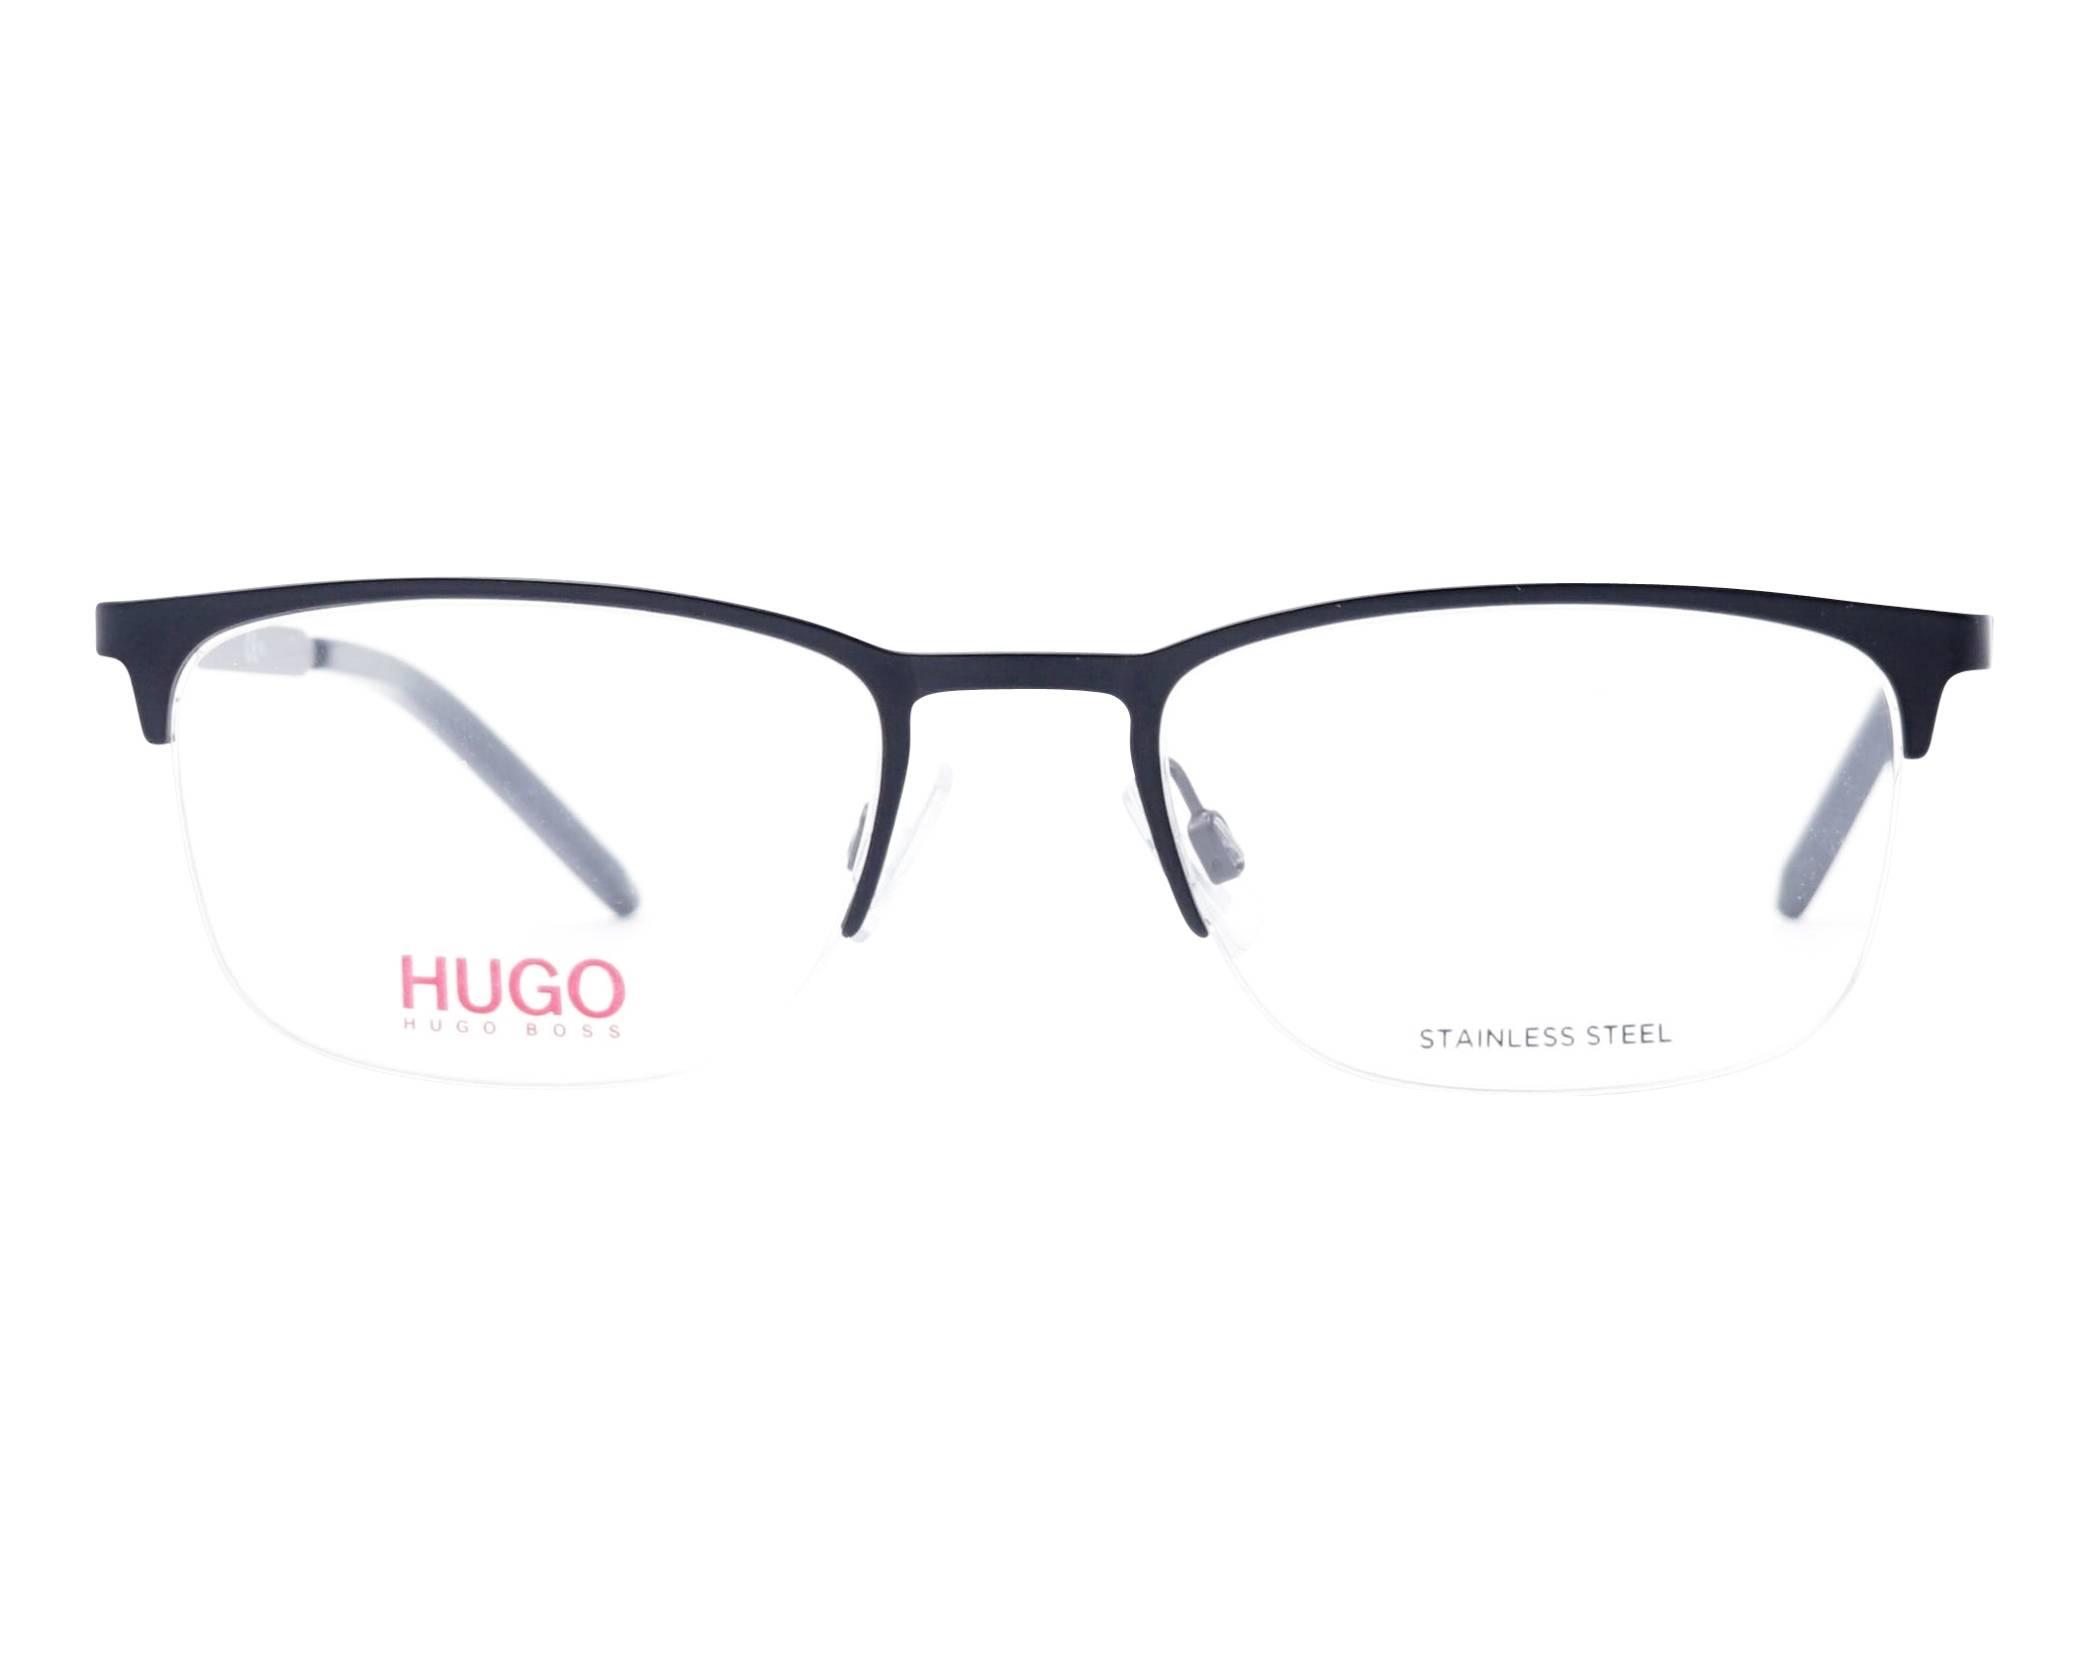 f8ff9eadfc36 eyeglasses Hugo Boss HG-1019 003 53-20 Black front view